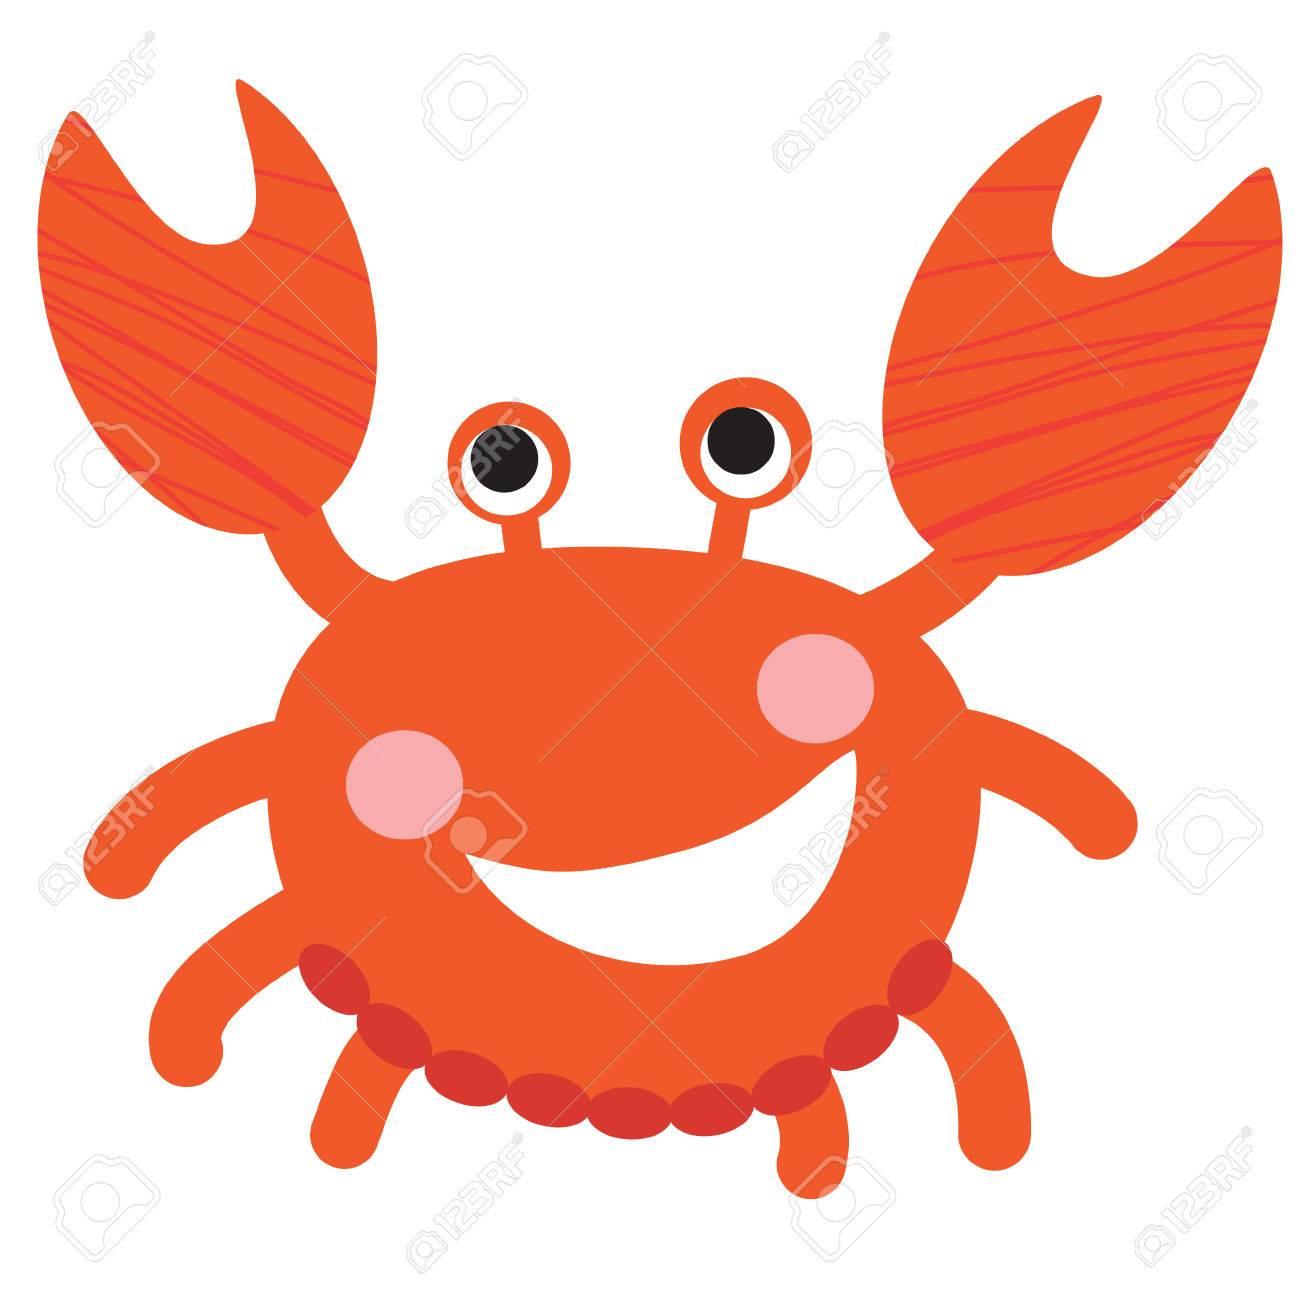 形式でのイラストかわいい笑顔の赤いカニ。子供の教育と保育園や、学校